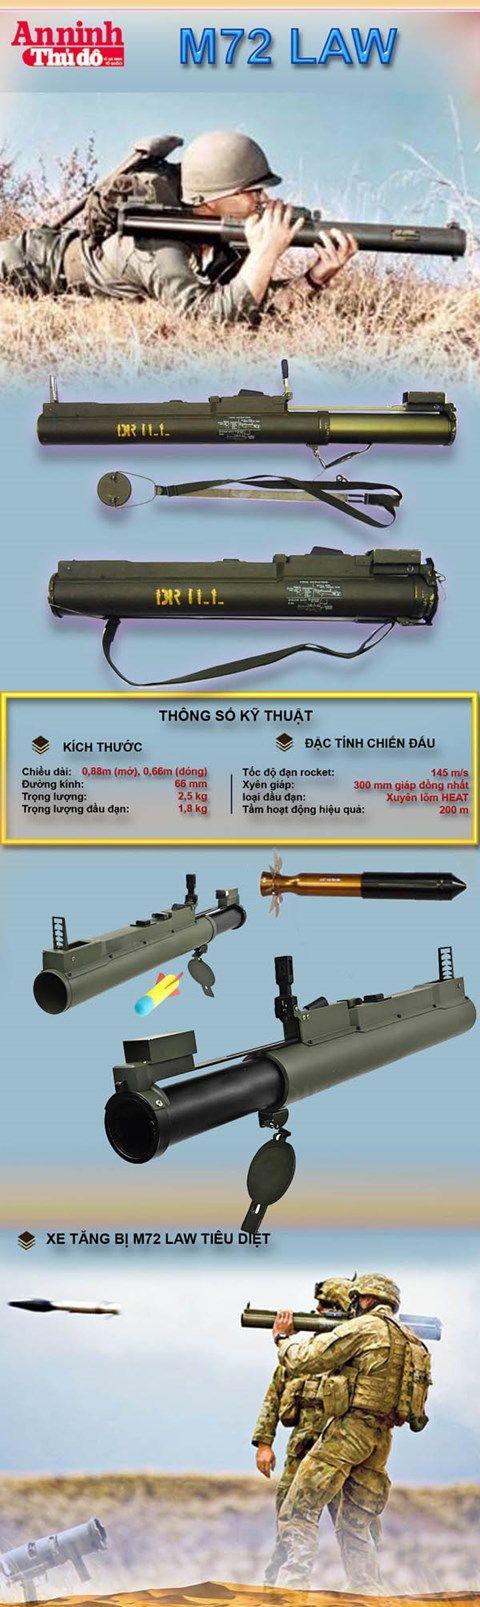 [Infographic] M72 LAW - Bùa hộ mệnh của các cánh quân tiên phong | Quân sự | Báo điện tử An Ninh Thủ Đô